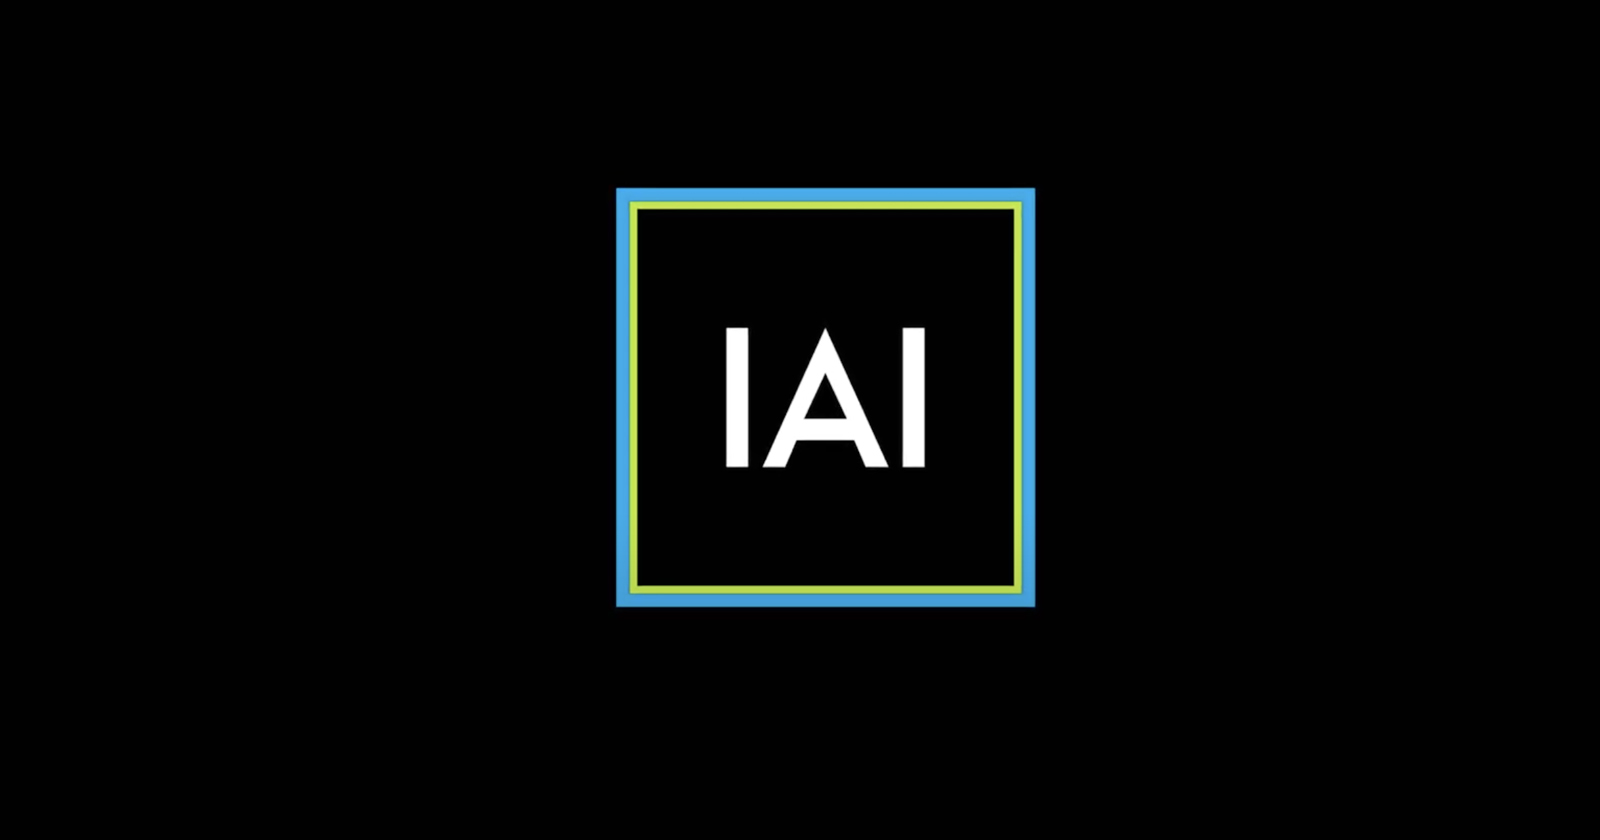 ImagenAI apprende gli stili tramite l'intelligenza artificiale e modifica le foto per te